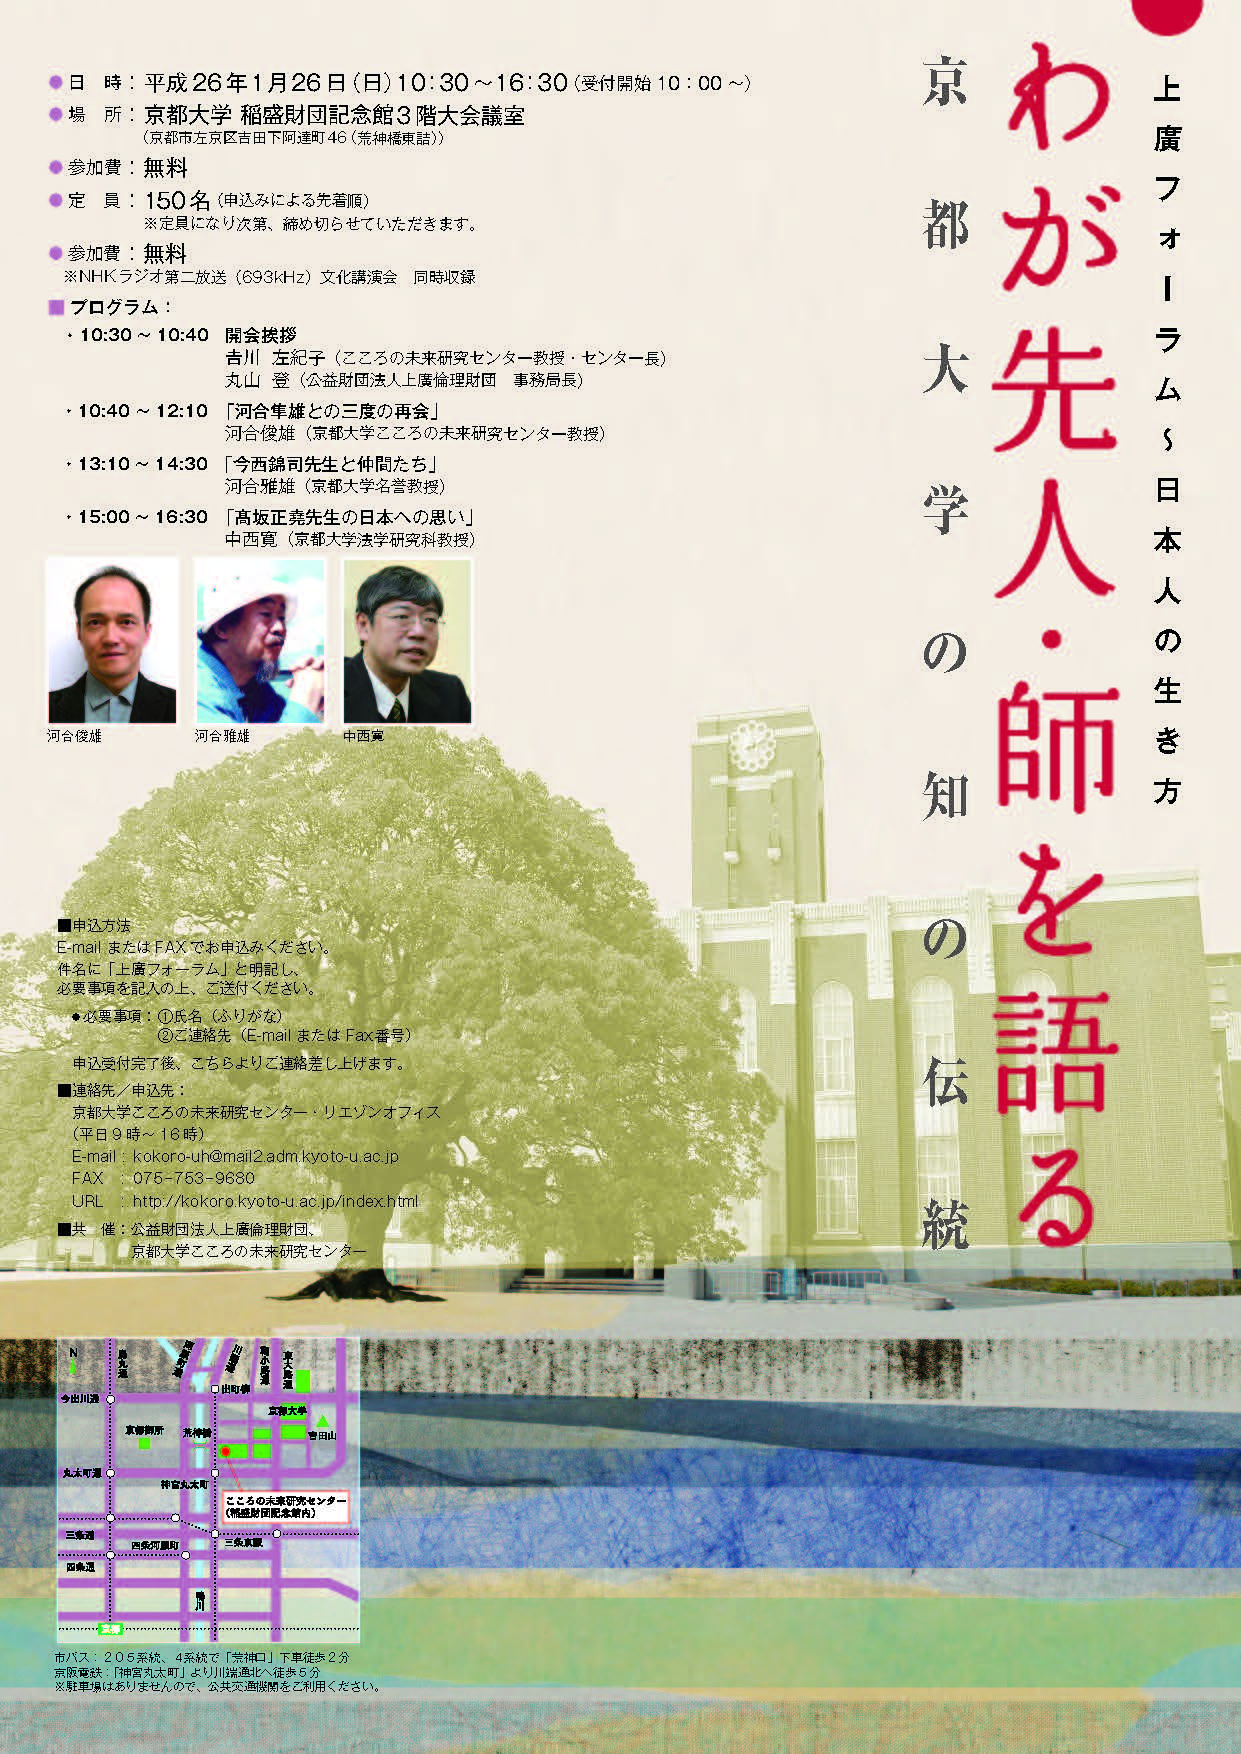 上廣フォーラム~日本人の生き方 「わが先人・師を語る」 京都大学知の伝統